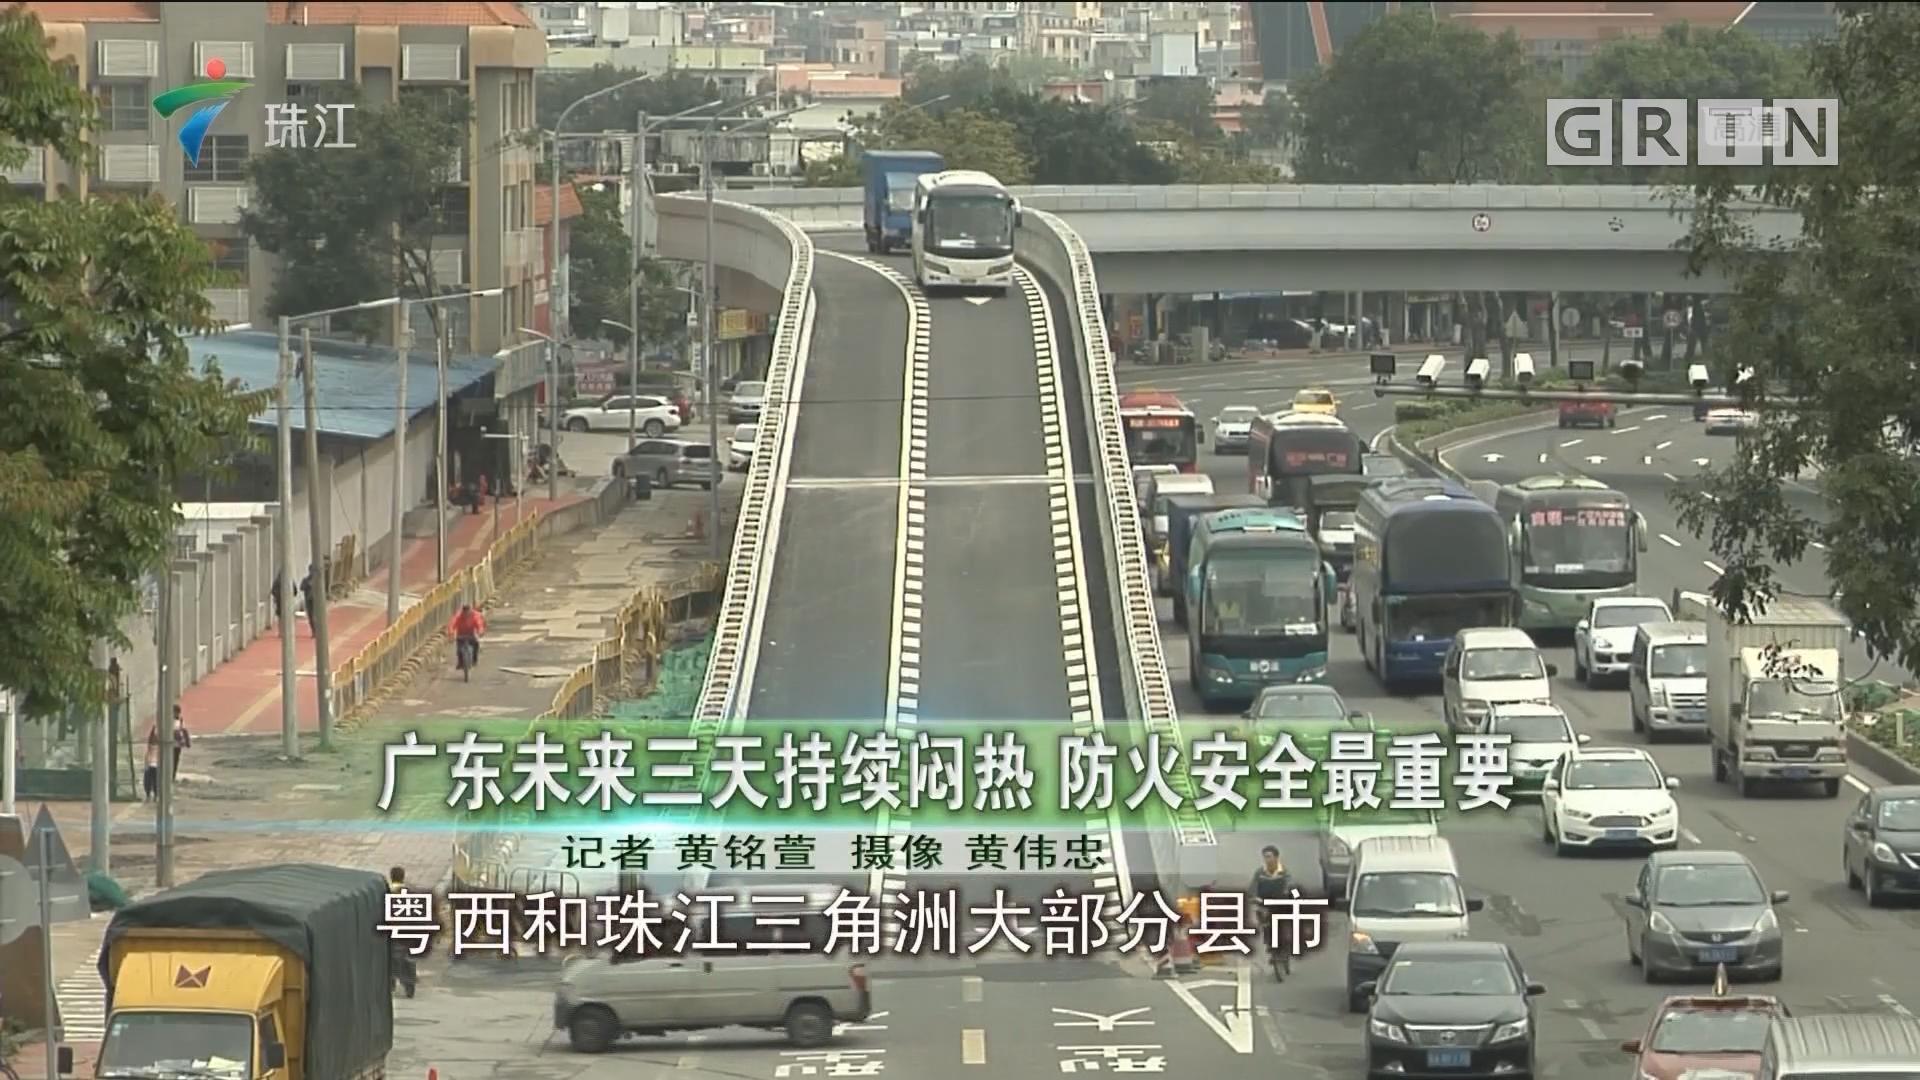 广东未来三天持续闷热 防火安全最重要